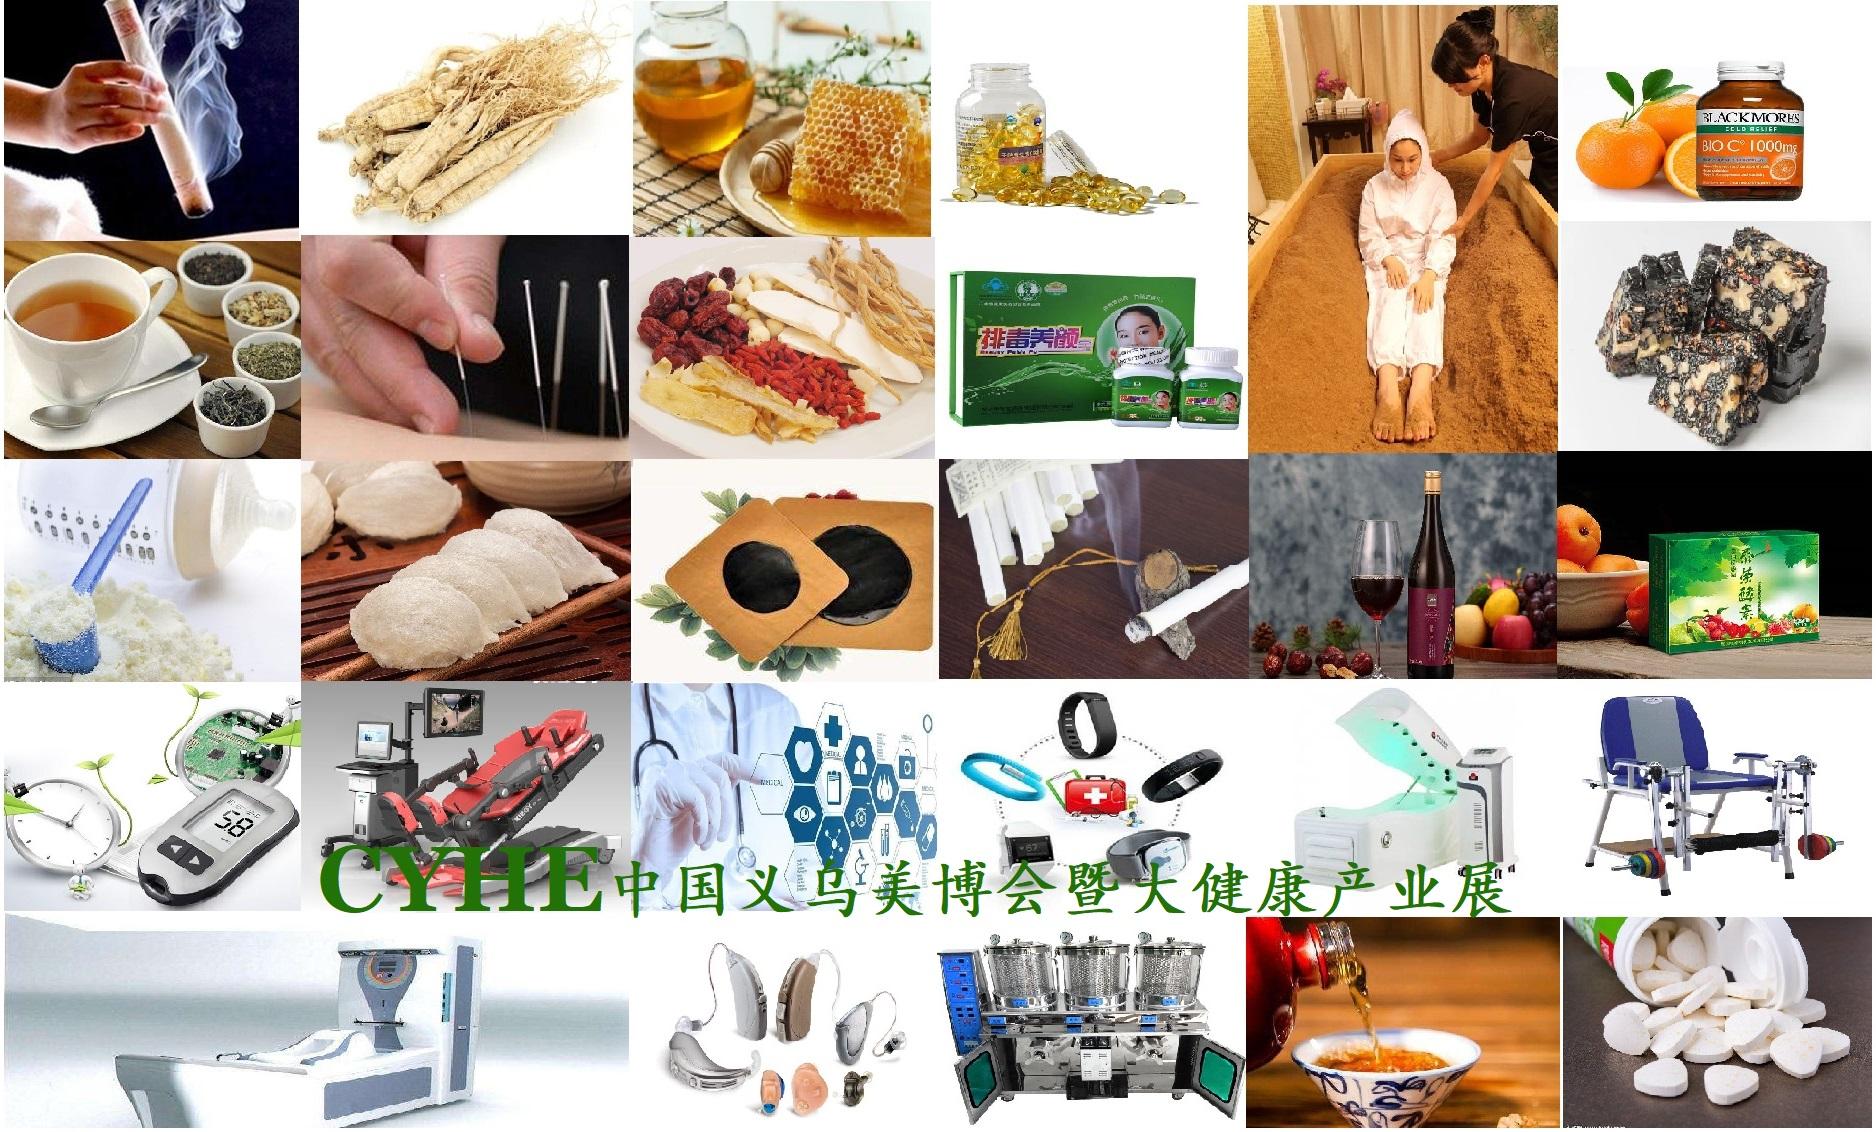 2019第7届中国义乌美博会暨大健康产业展